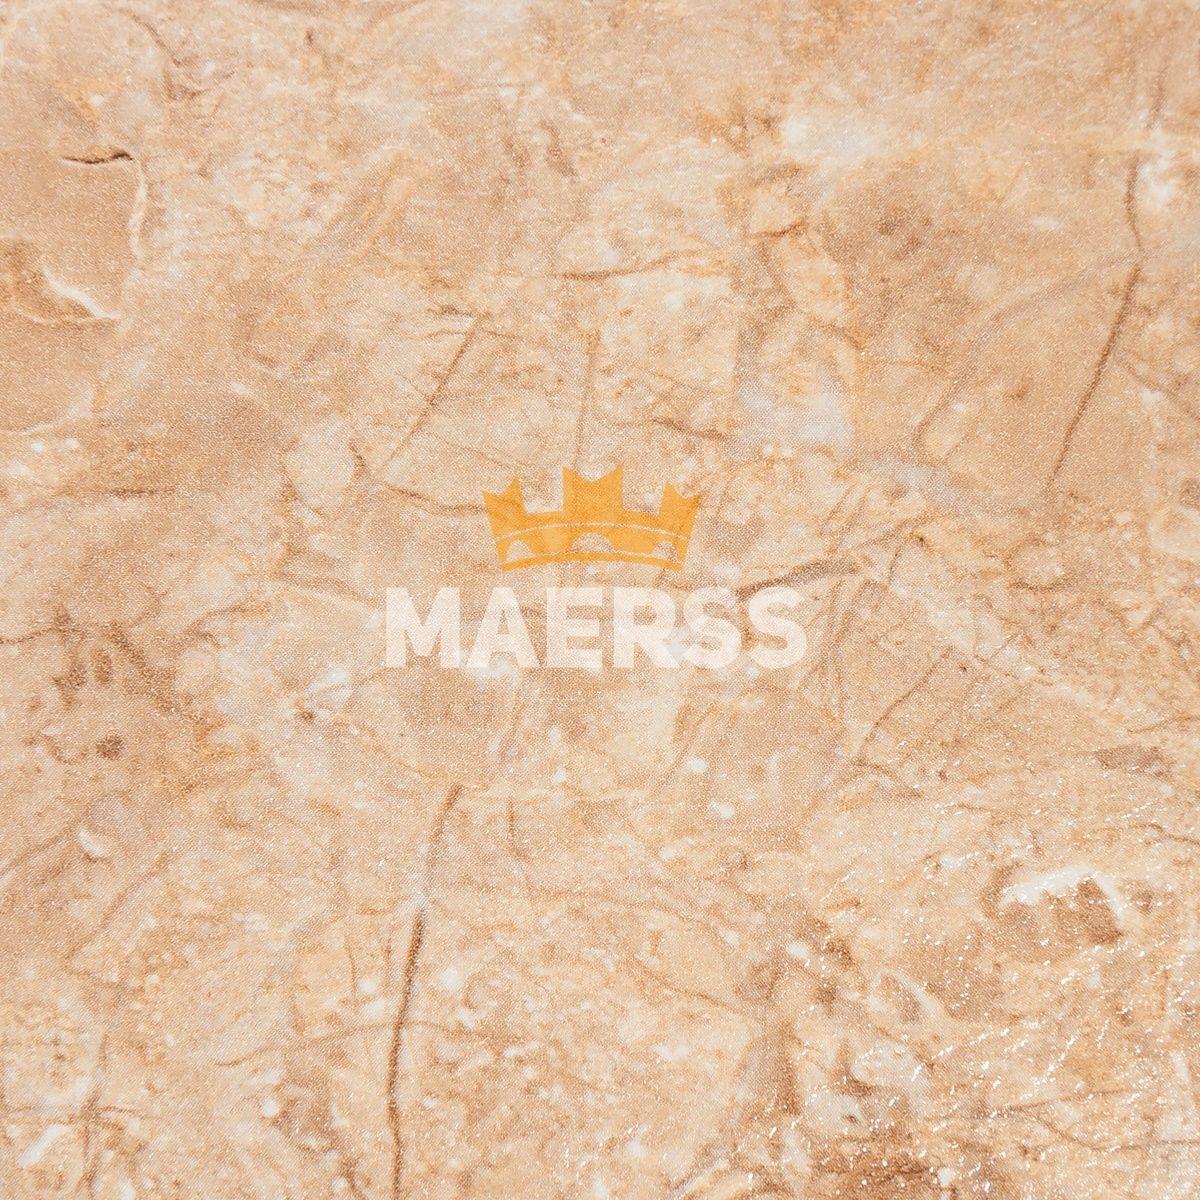 Столешница структурная 4026/SO 3гр. Аламбра Светлая / ДСП Пластик купить в интернет-магазине МАЕРСС